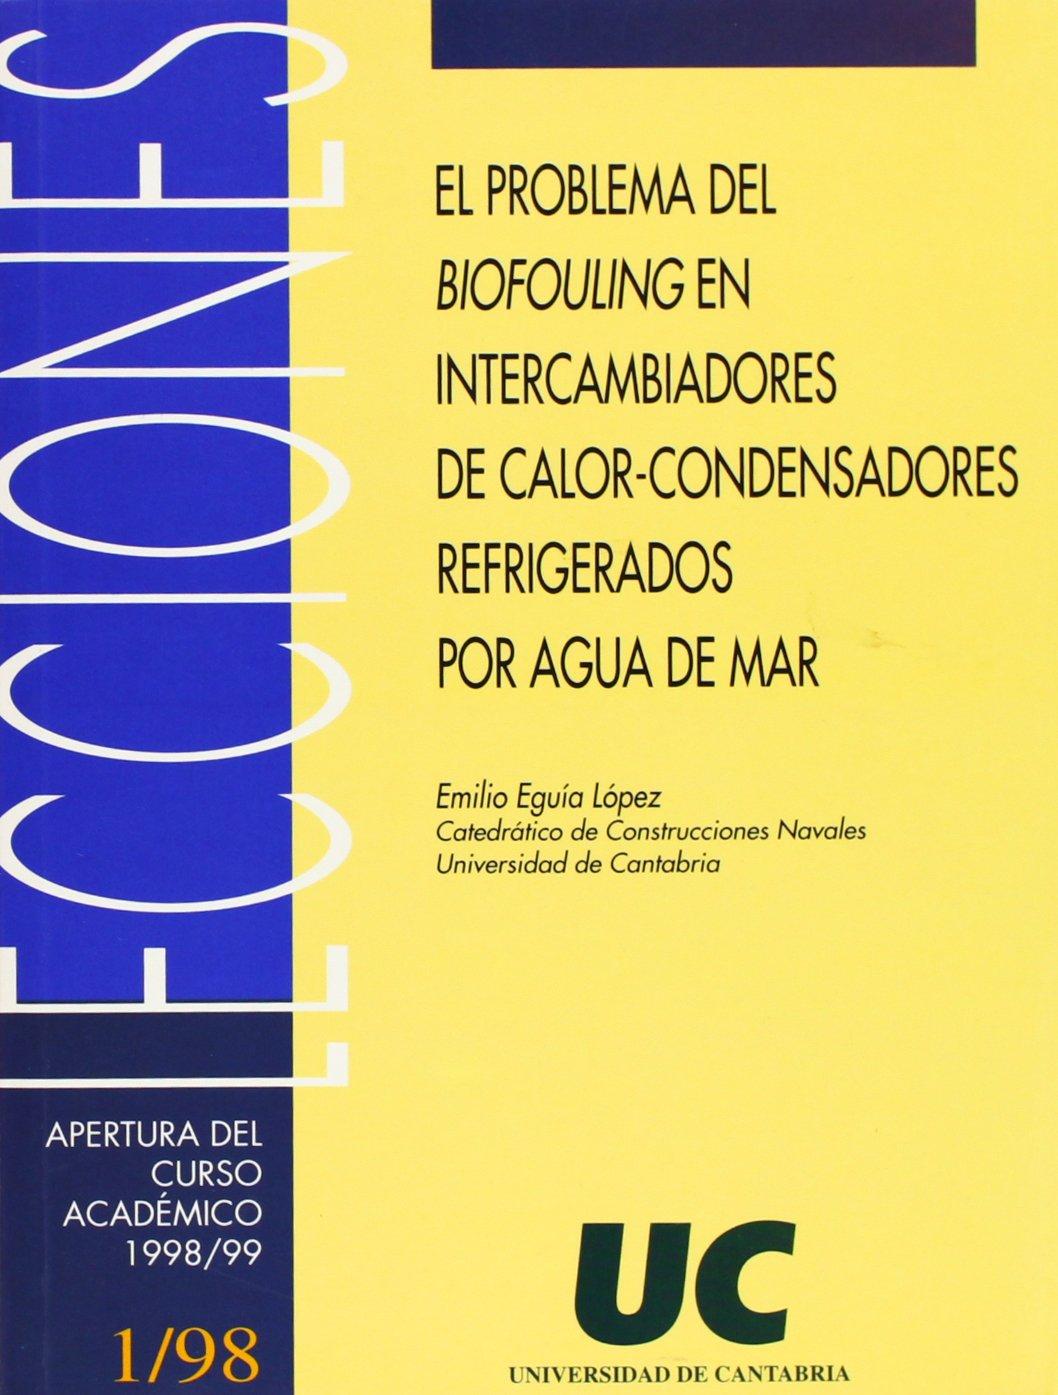 El problema delbiofouling en intercambiadores de calor-condensadores refrigerados por agua de mar Florilogio: Amazon.es: Emilio Eguía López: Libros